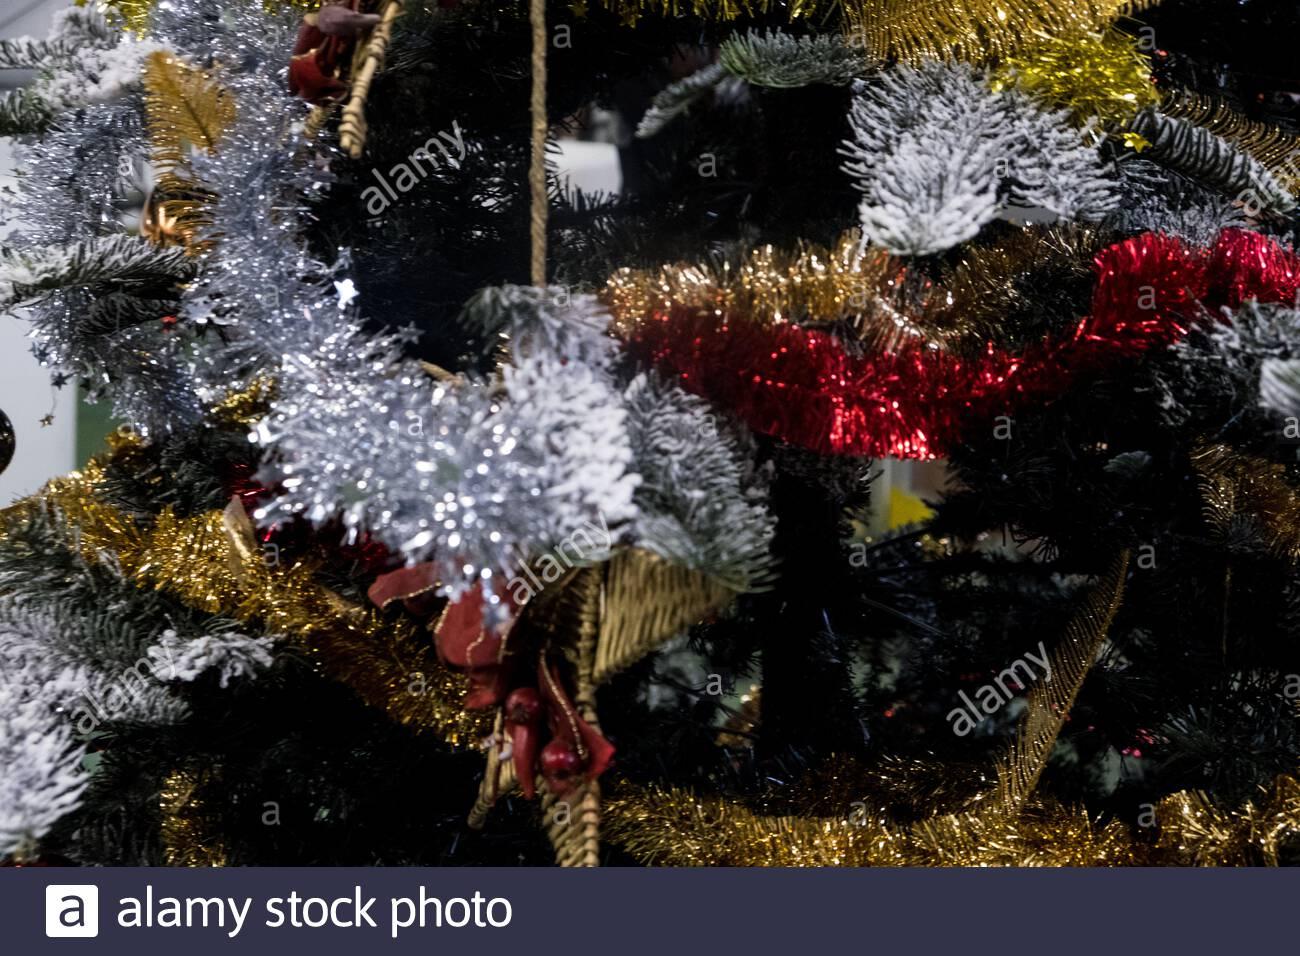 Albero Di Natale Sogno.Il Sogno Di Natale The Brand New Christmas Village In Milan Before The Opening Stock Photo Alamy